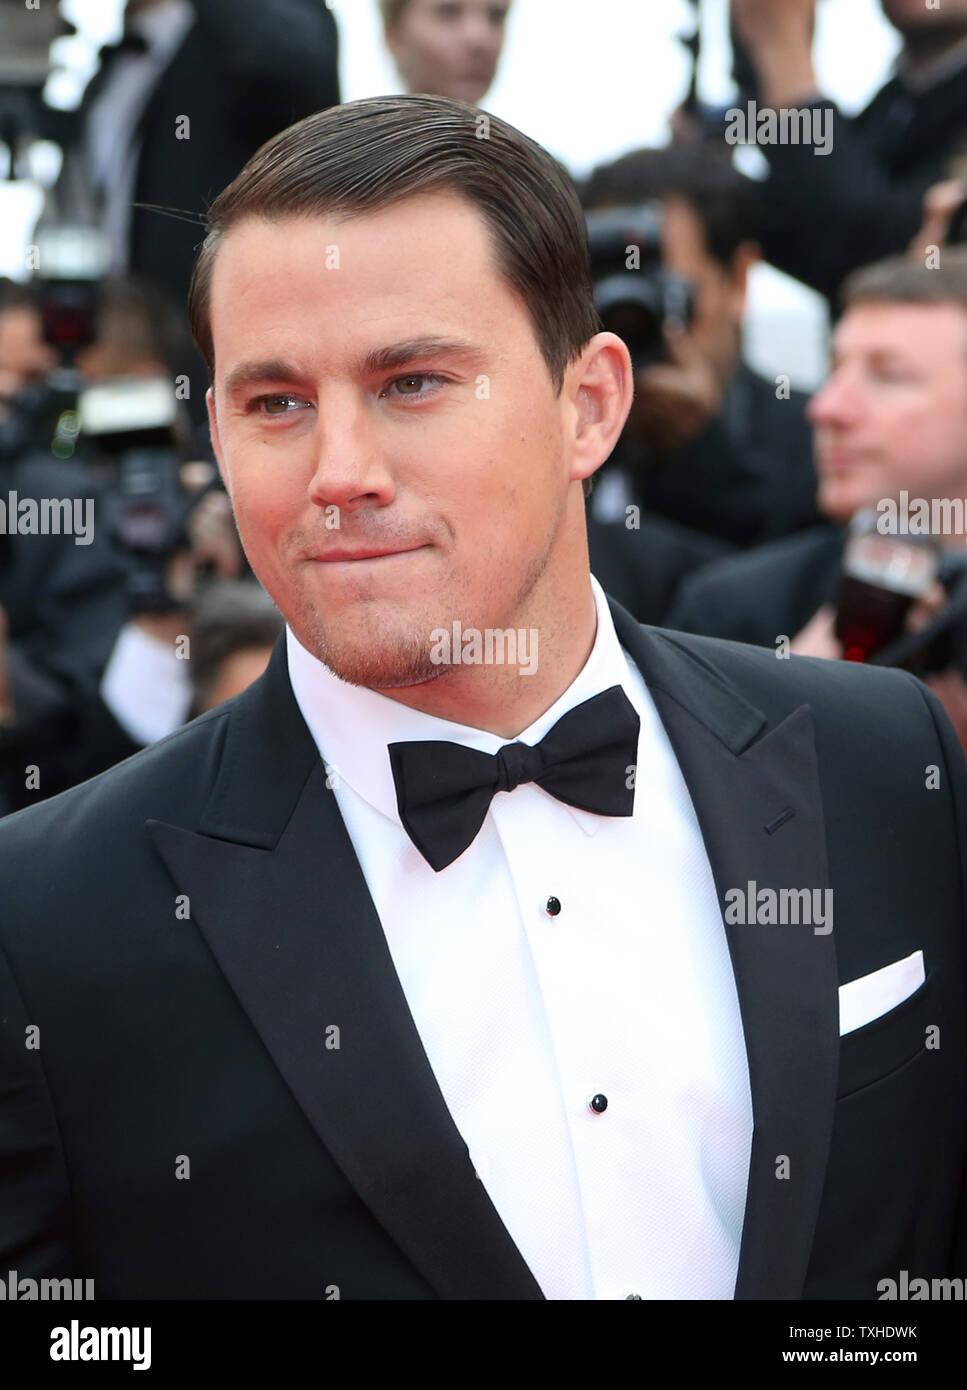 """Channing Tatum kommt auf dem roten Teppich vor der Vorführung des Films """"foxcatcher"""" während der 67. jährliche Internationale Filmfestspiele von Cannes in Cannes, Frankreich am 19. Mai 2014. UPI/David Silpa Stockfoto"""